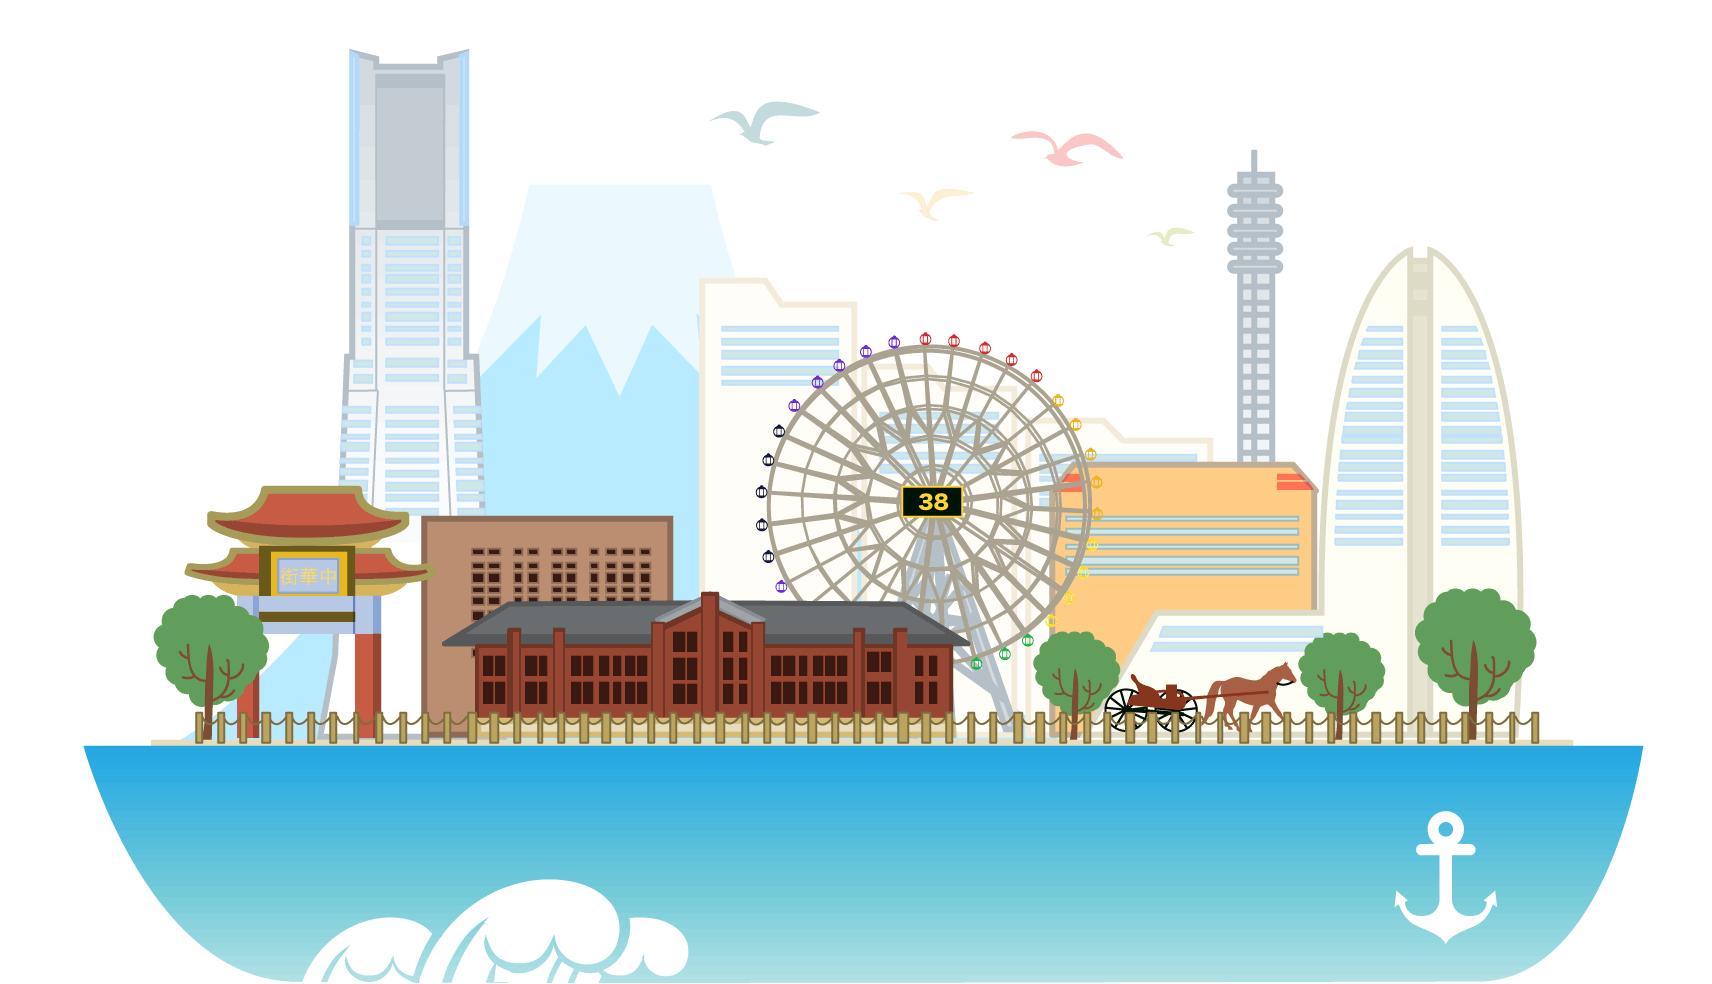 船の上に横浜の街並みが乗っている横浜キネシオロジーのイメージイラスト